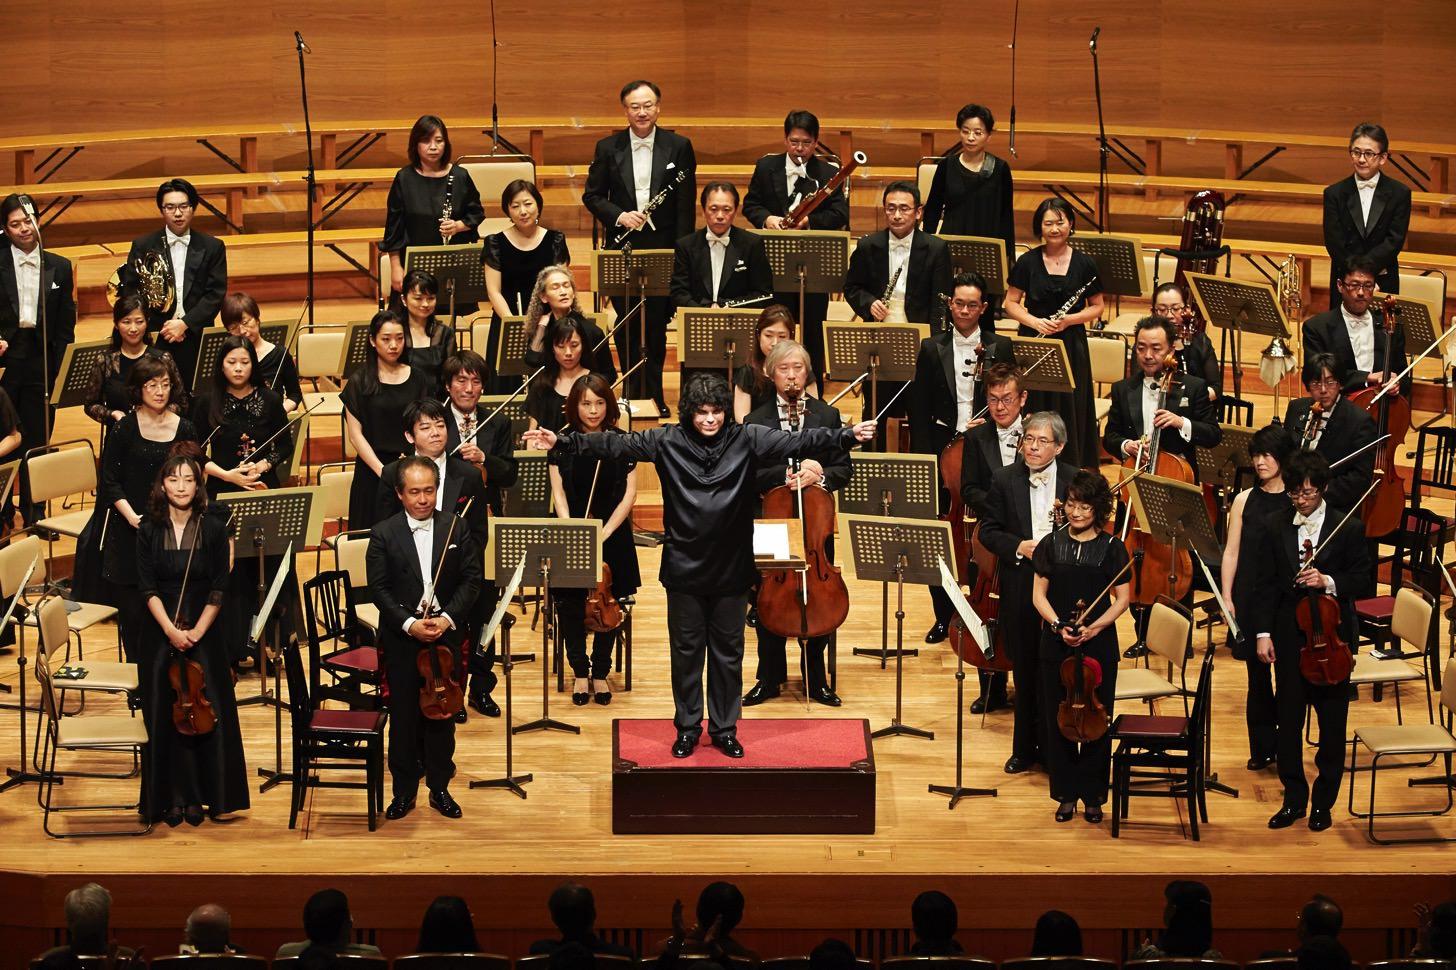 東京フィルハーモニー交響楽団「ベートーベン第九特別演奏会」開始